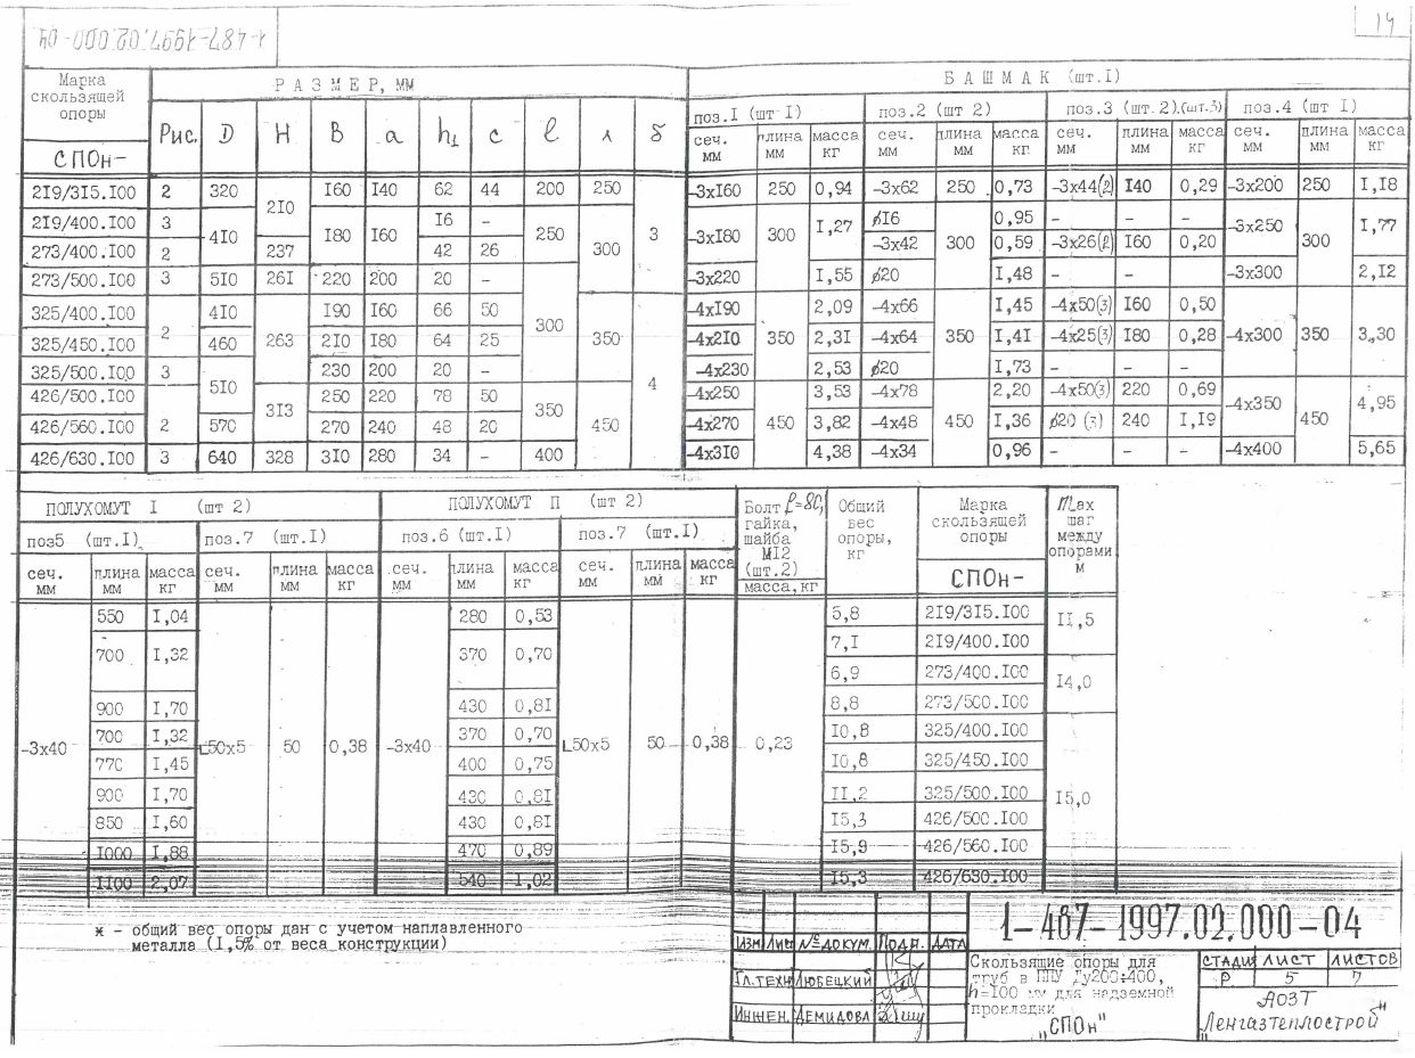 Опора СПОн ТД 1-487-1997.03.000-06 стр.2